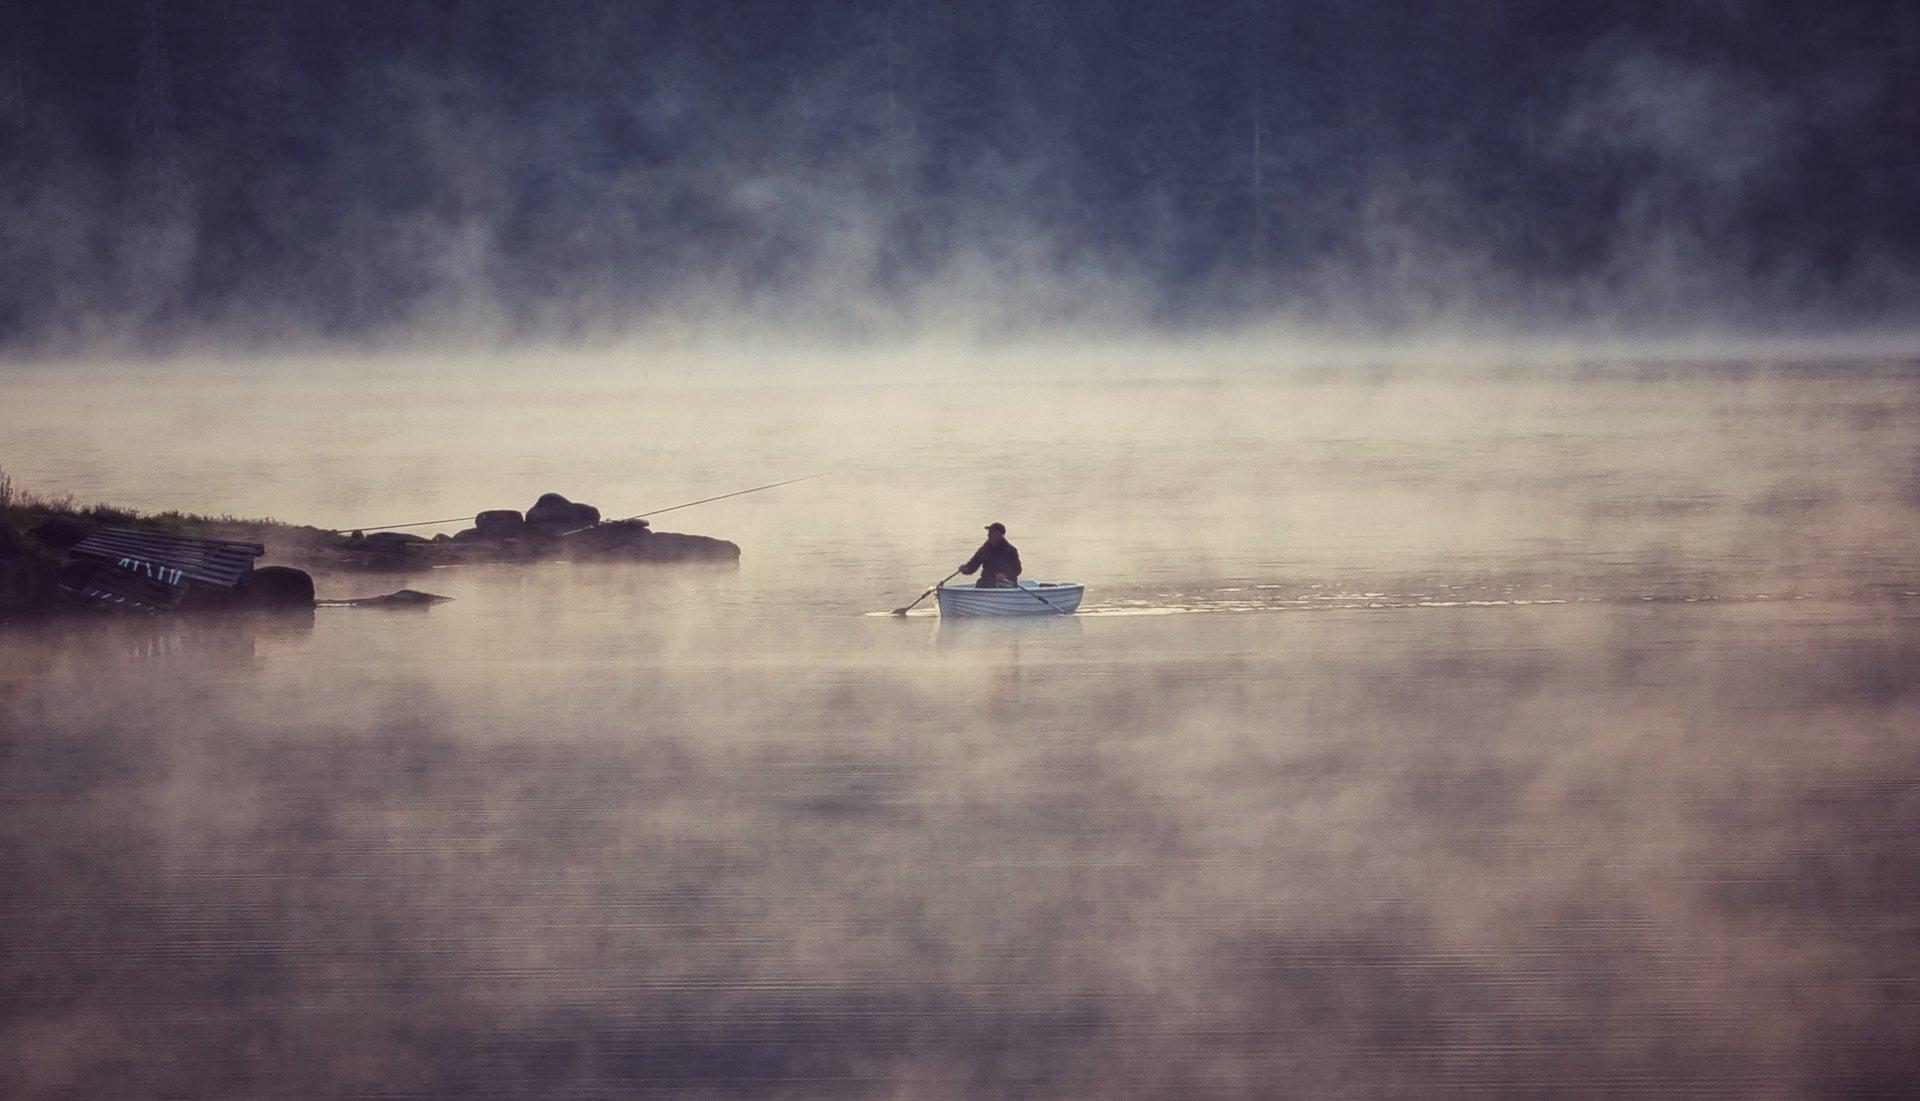 На разходка с лодка | Author Borislav Borisov  - borislavborissov | PHOTO FORUM